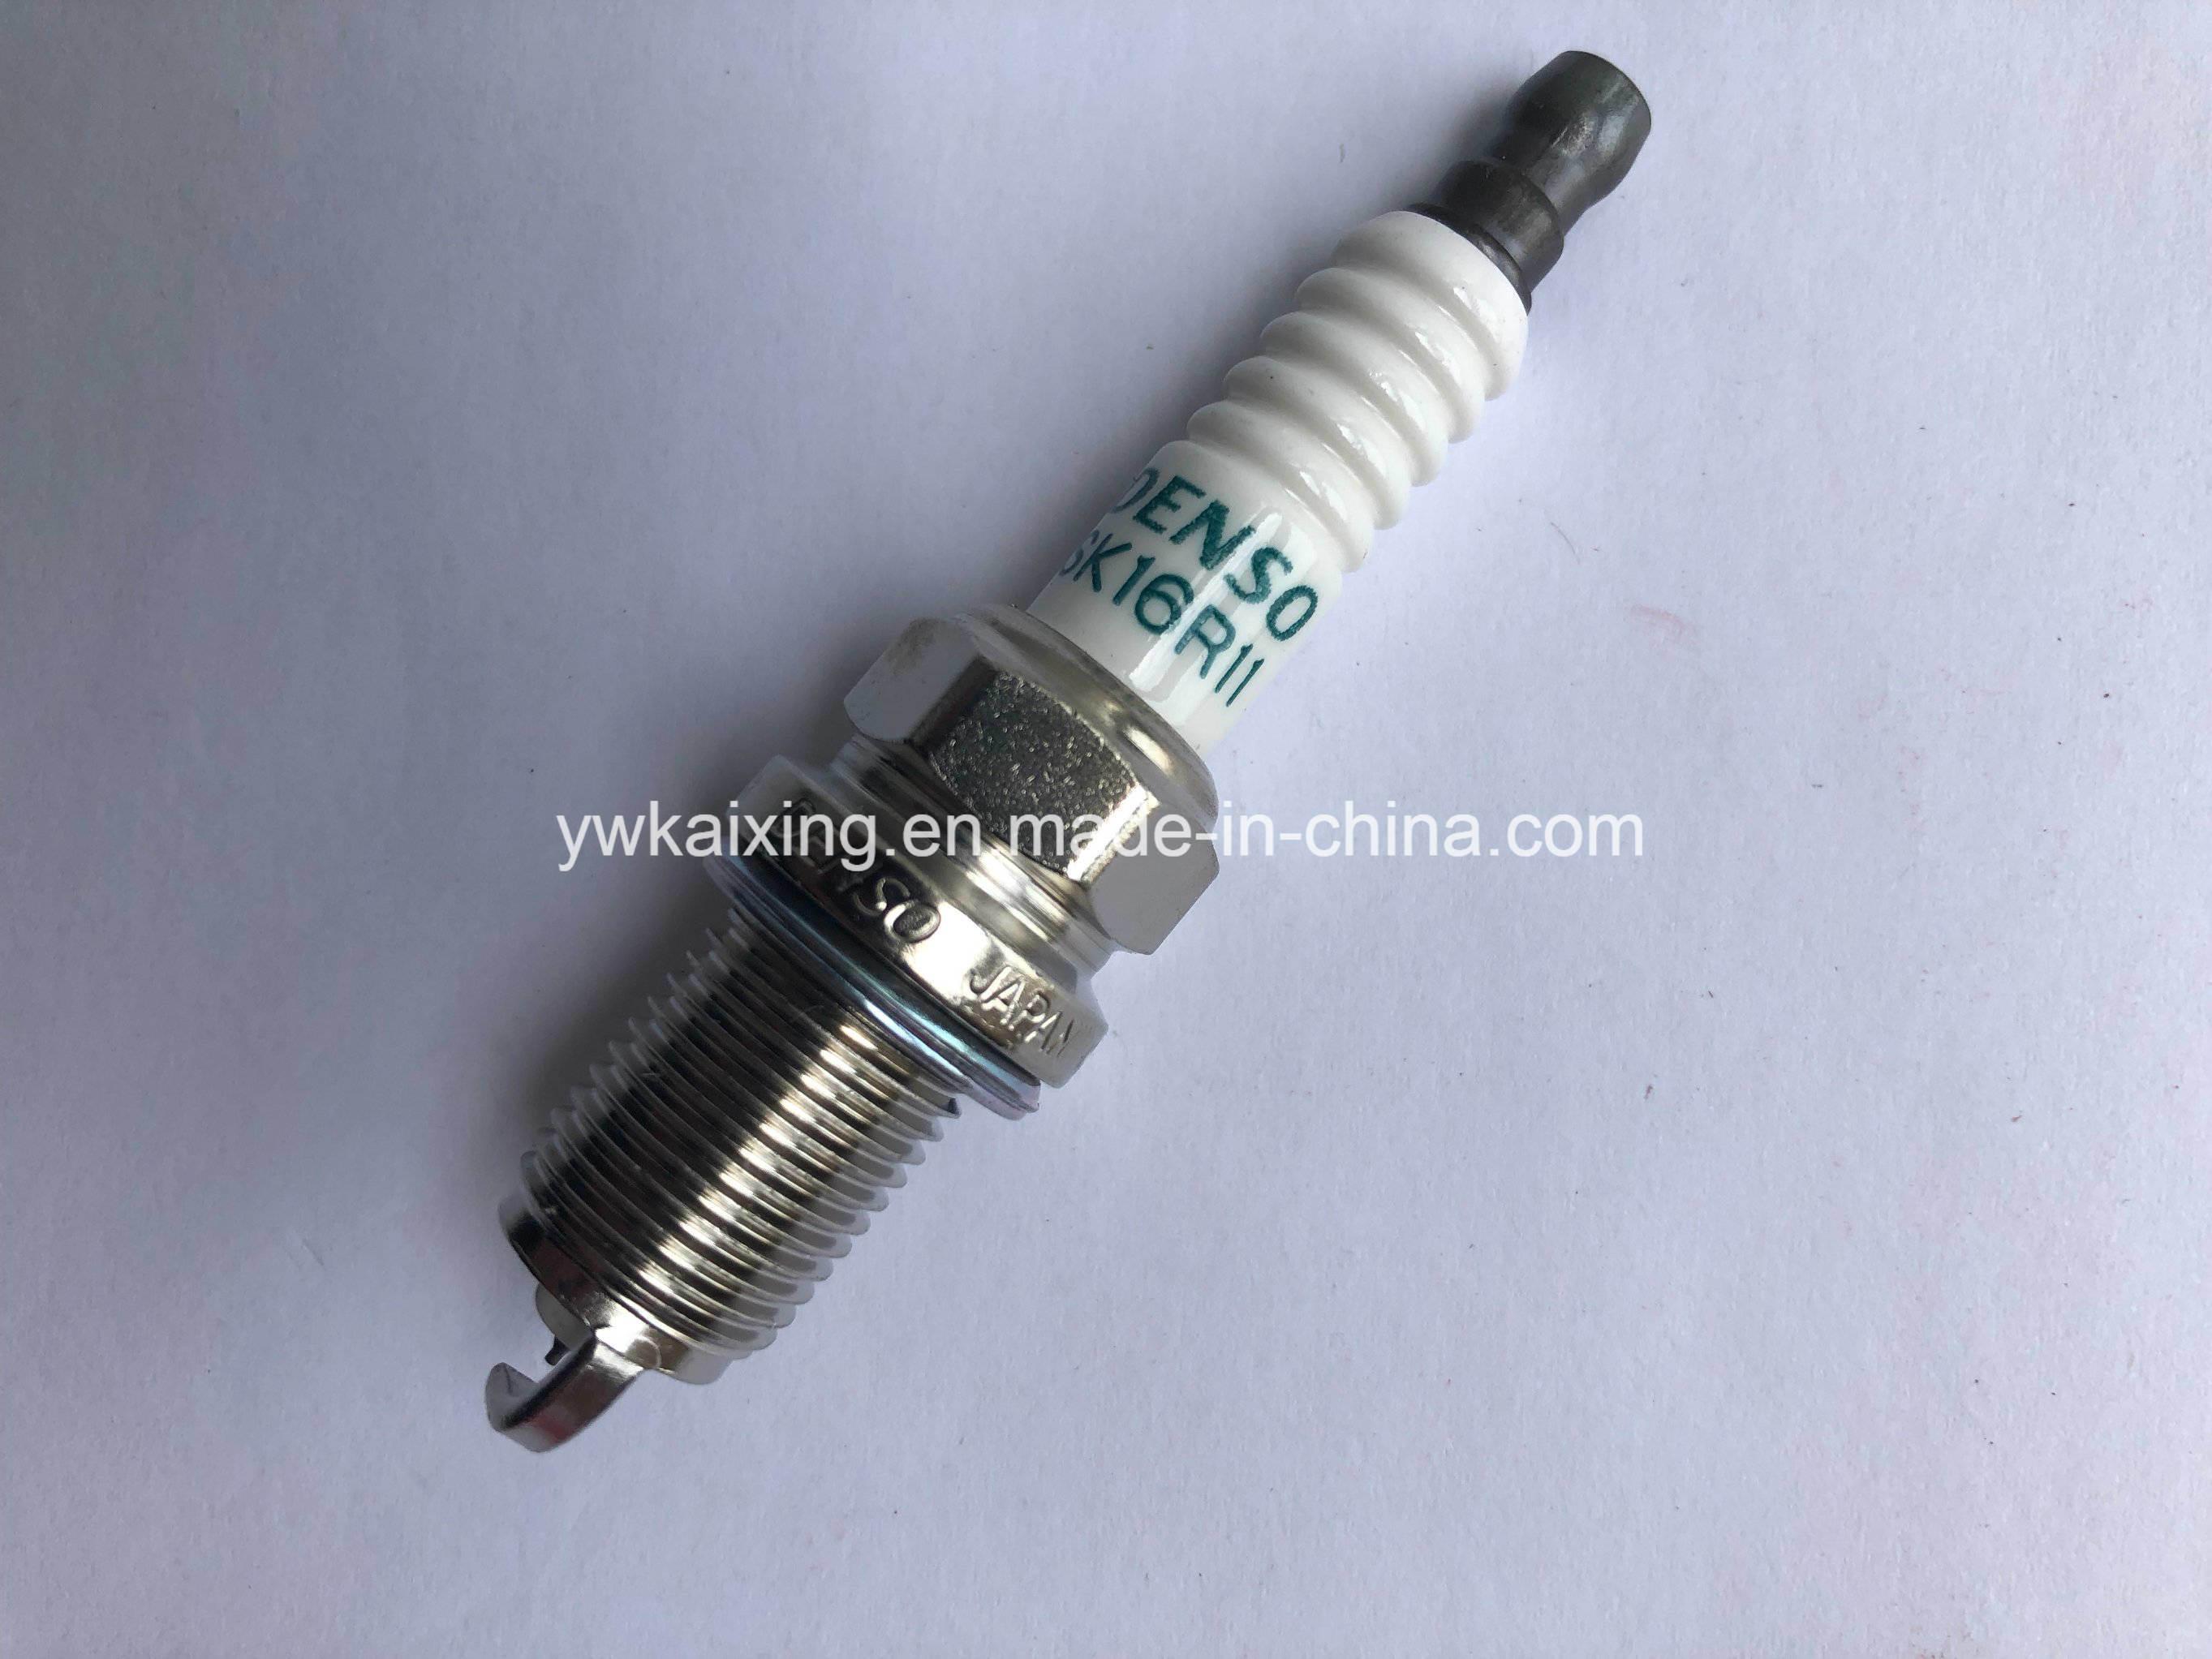 4 x Denso 90919-01240 SK16R11 Iridium Spark Plug for Toyota Corolla Matrix Yaris